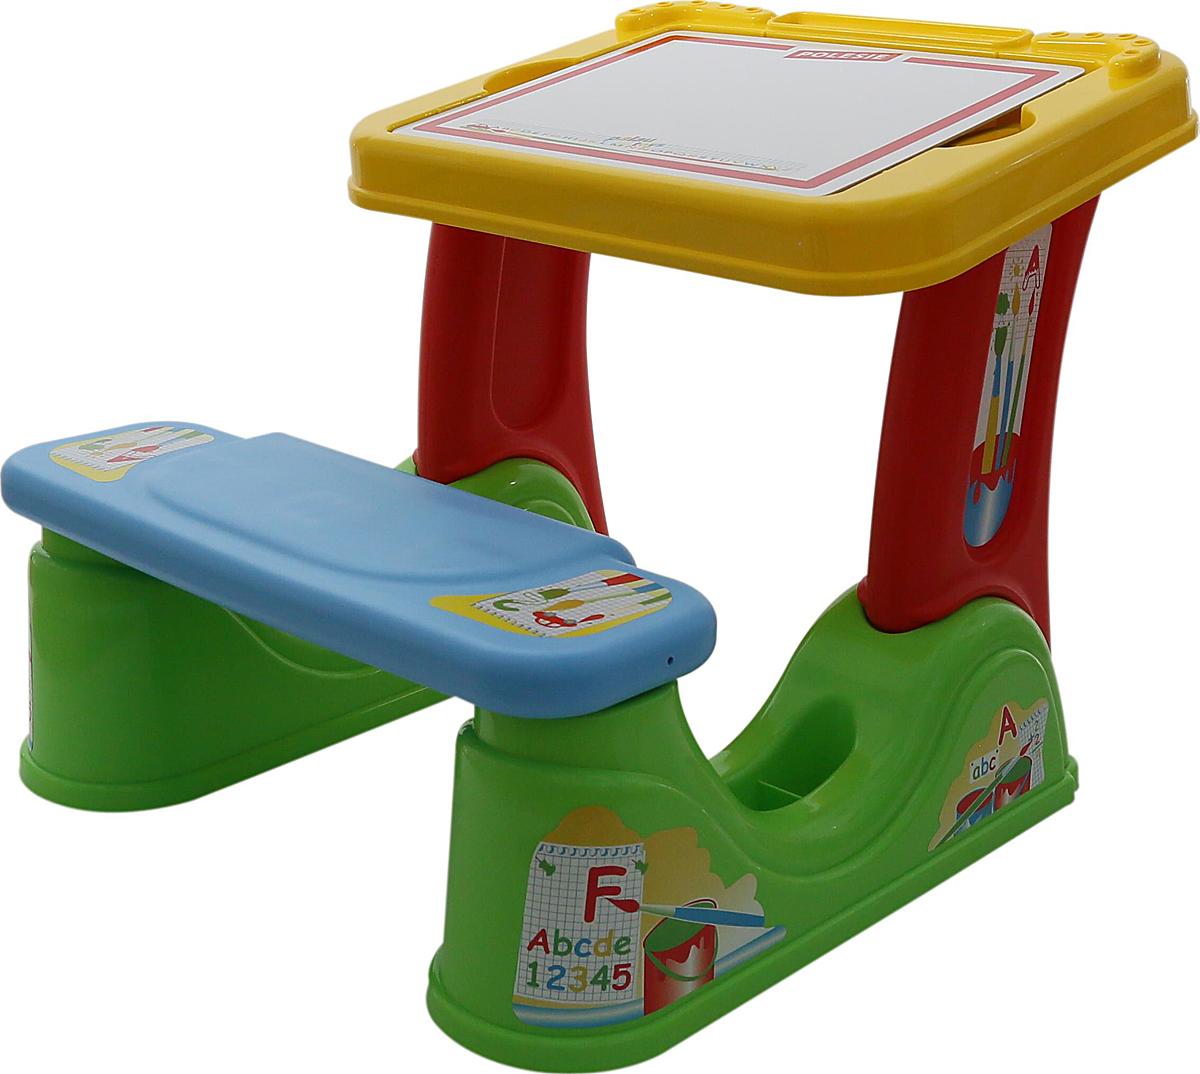 Полесье Детская мебель Набор дошкольника -  Детская комната